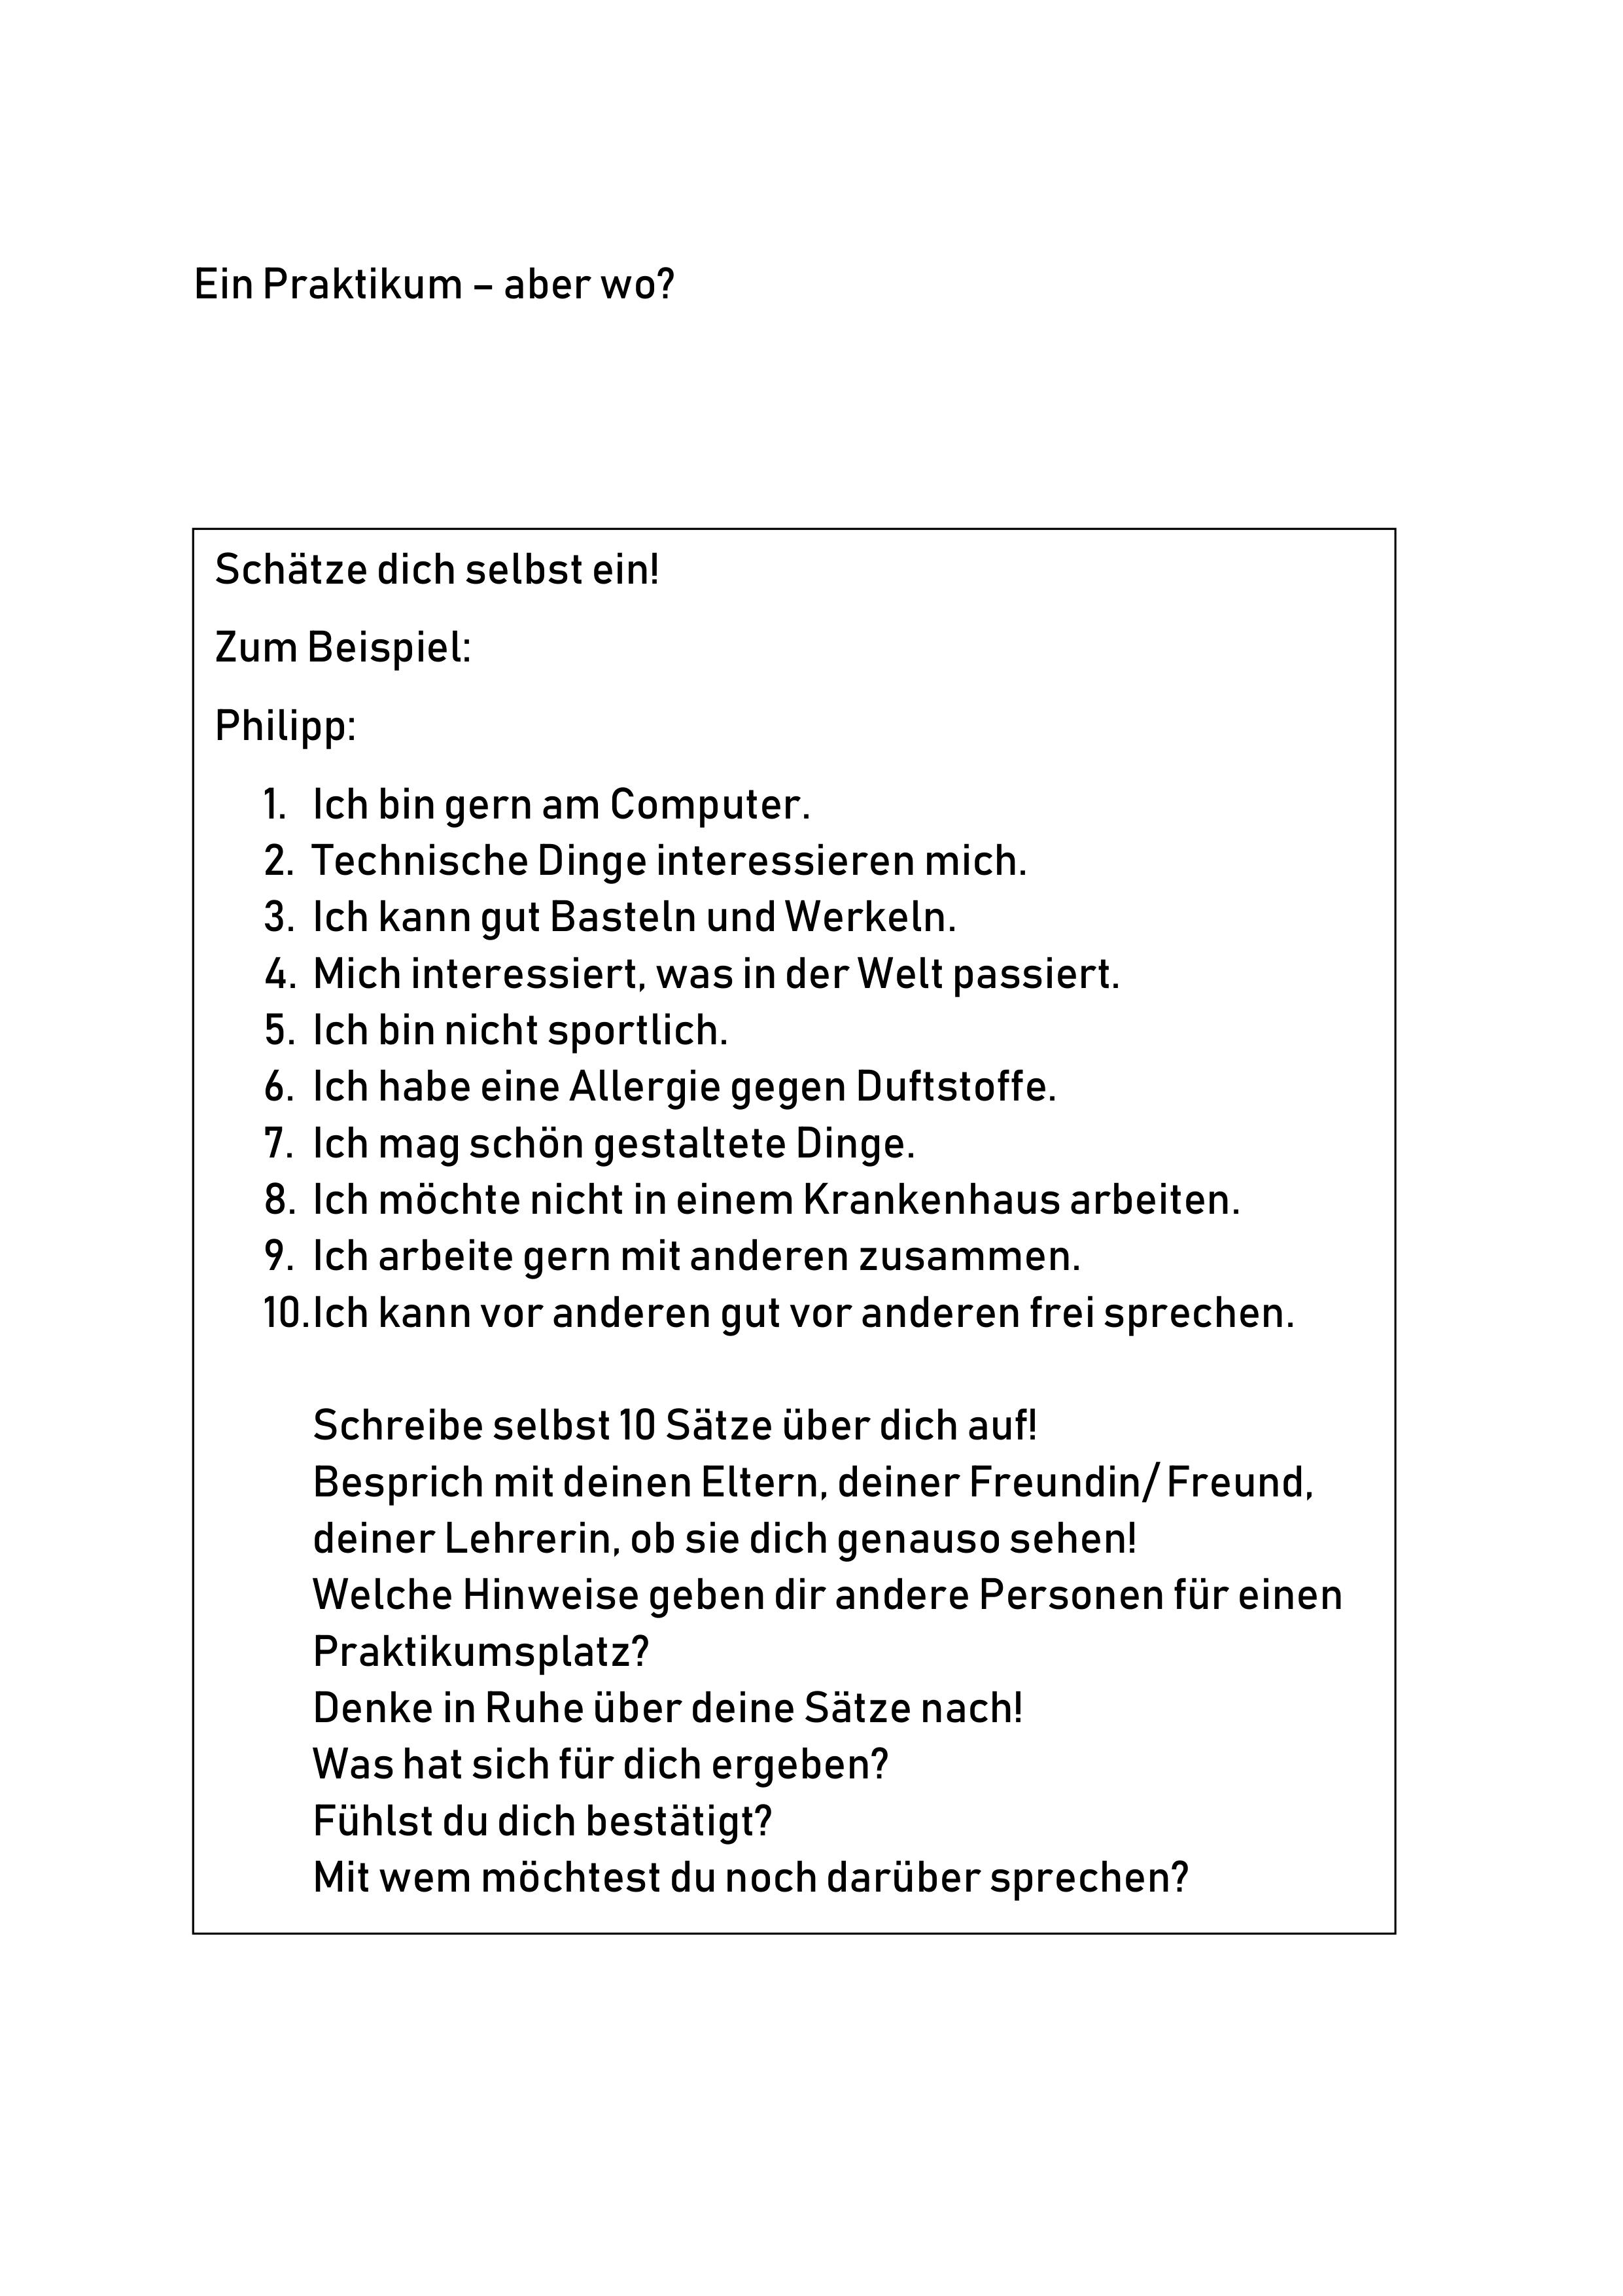 Bewerbung Um Einen Praktikumsplatz Leichte Sprache Unterrichtsmaterial In Den Fachern Arbeitslehre Deutsch In 2020 Leichte Sprache Deutsch Unterricht Bewerbung